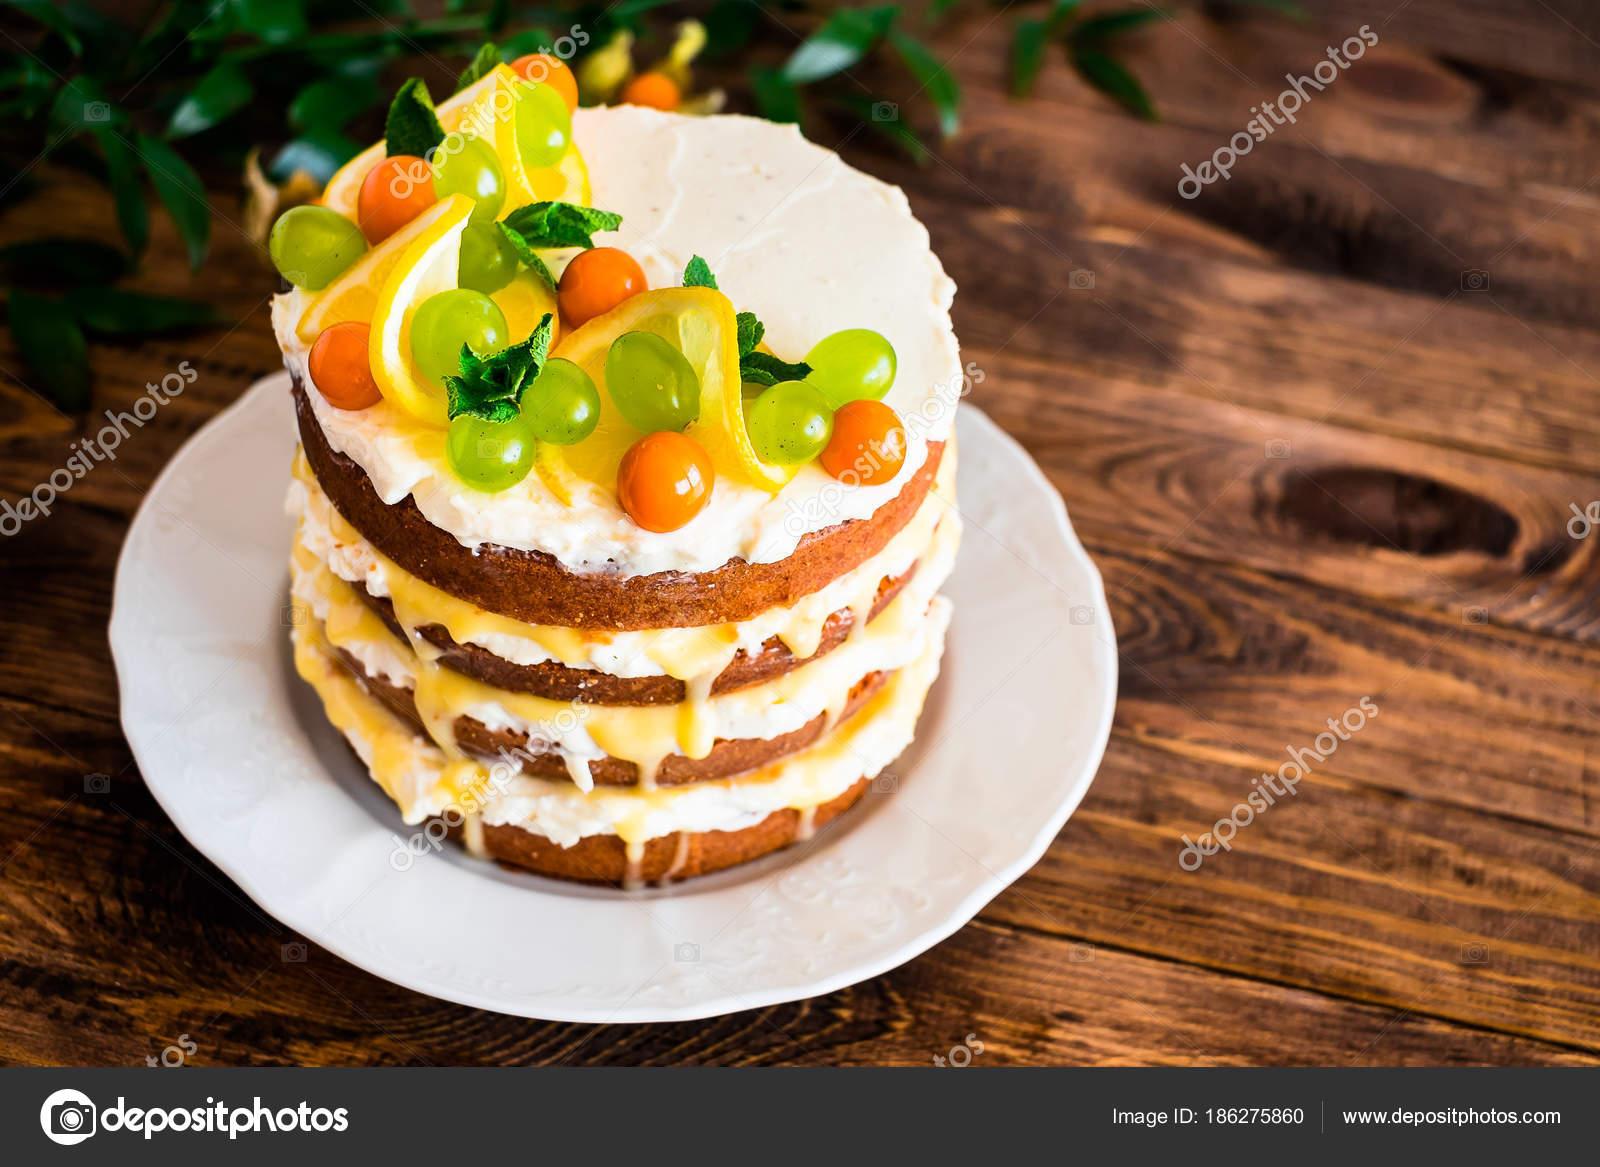 Geschichtete Kuchen Mit Vanille Mascarpone Frischkase Zitronencreme